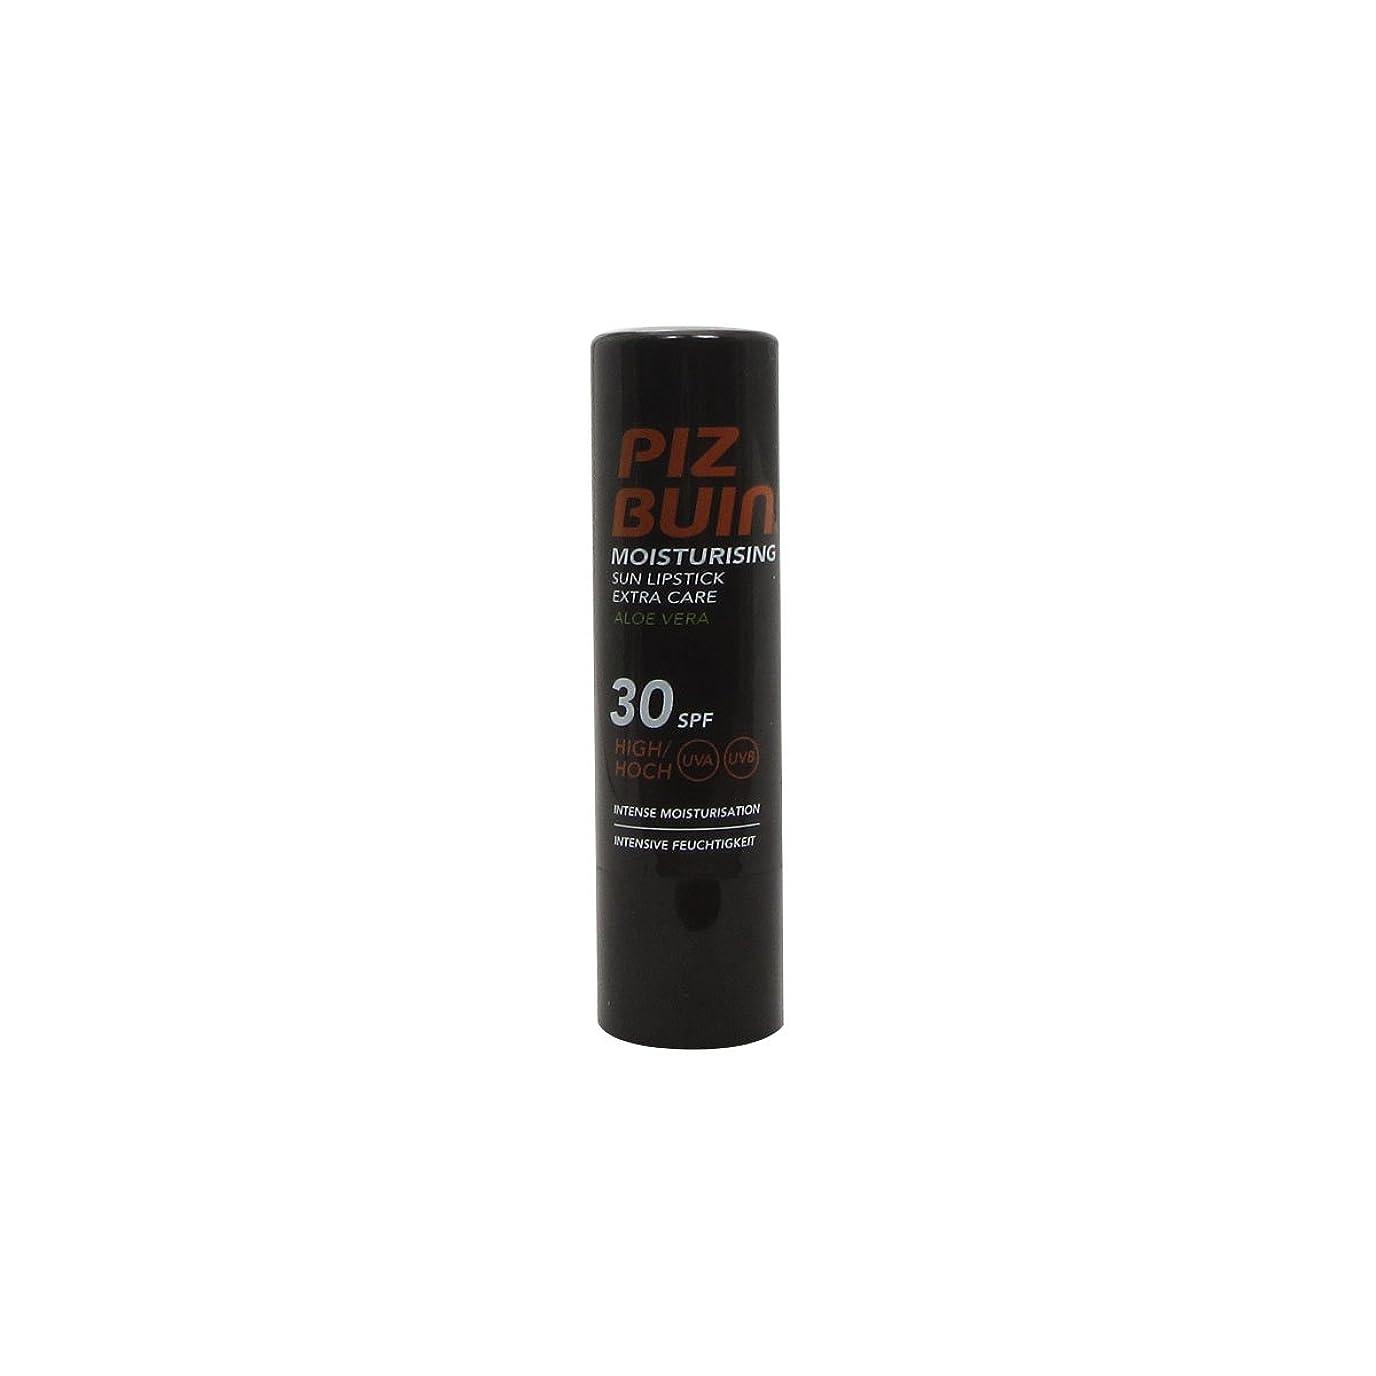 サポート分析的改善するPiz Buin Lipstick Spf 30 Moisturising With Aloe Vera5g [並行輸入品]